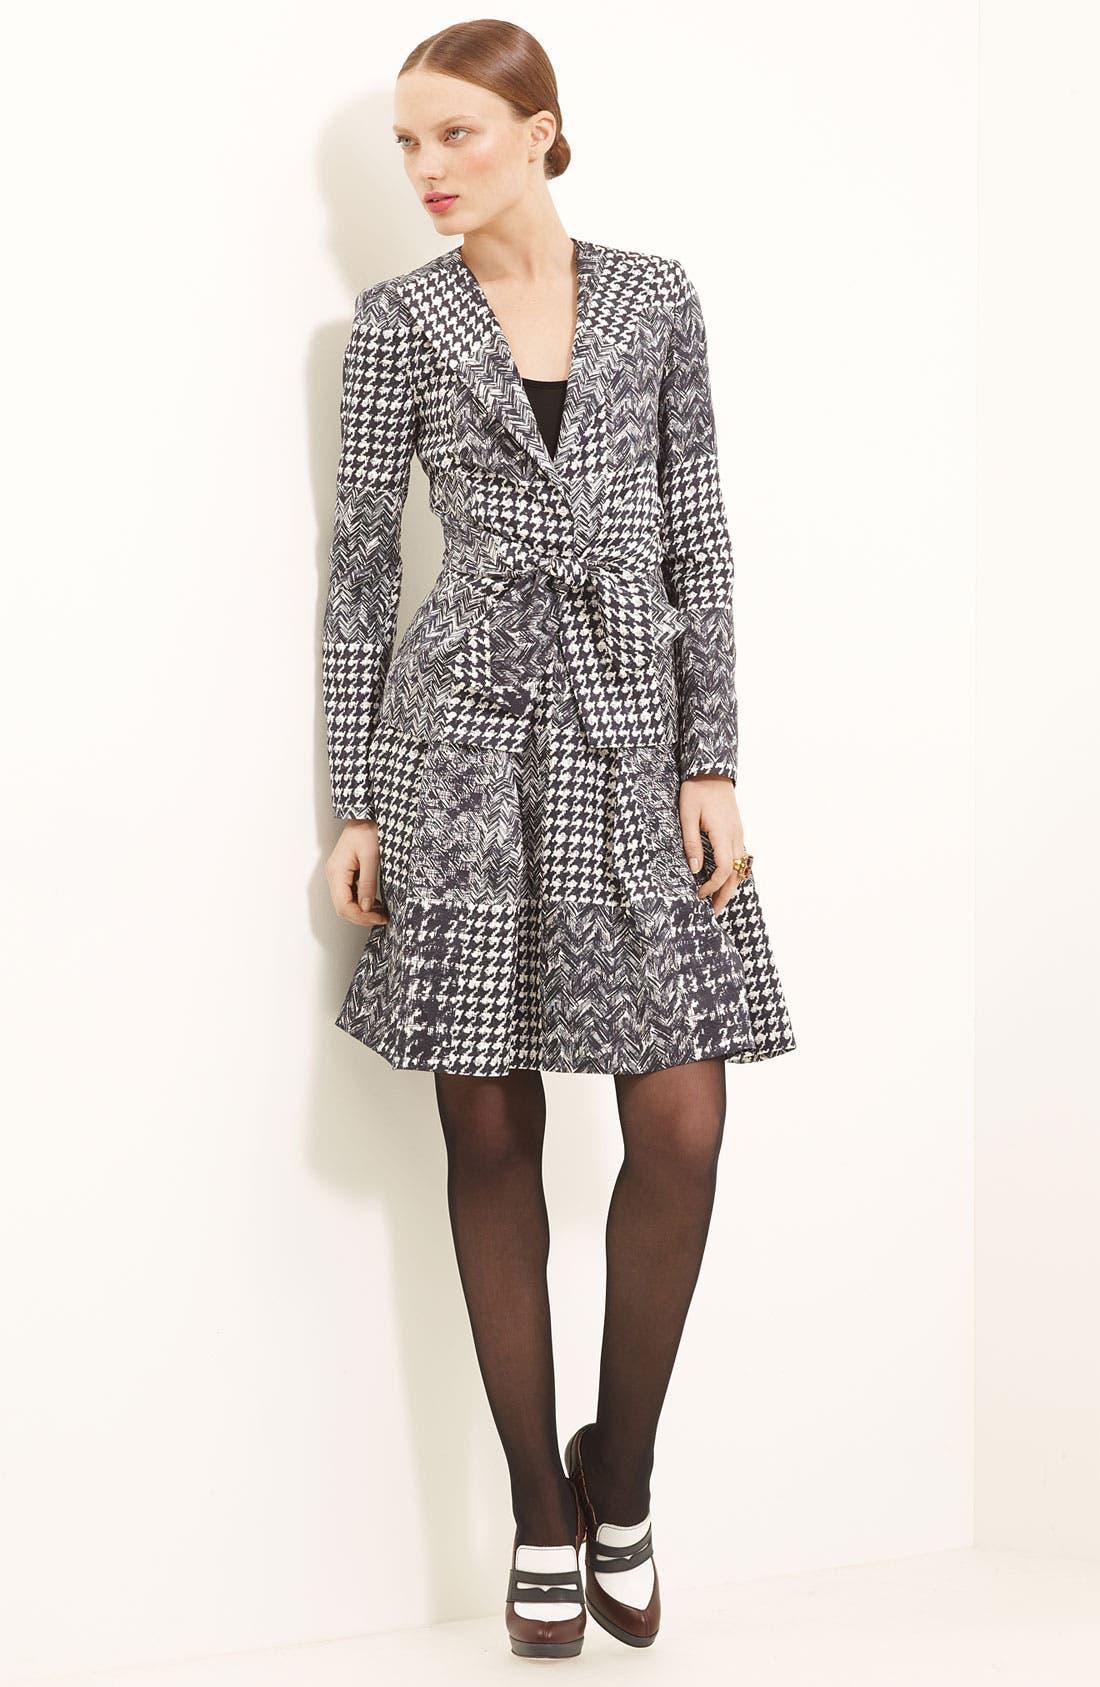 Alternate Image 1 Selected - Oscar de la Renta Patchwork Jacket & Skirt